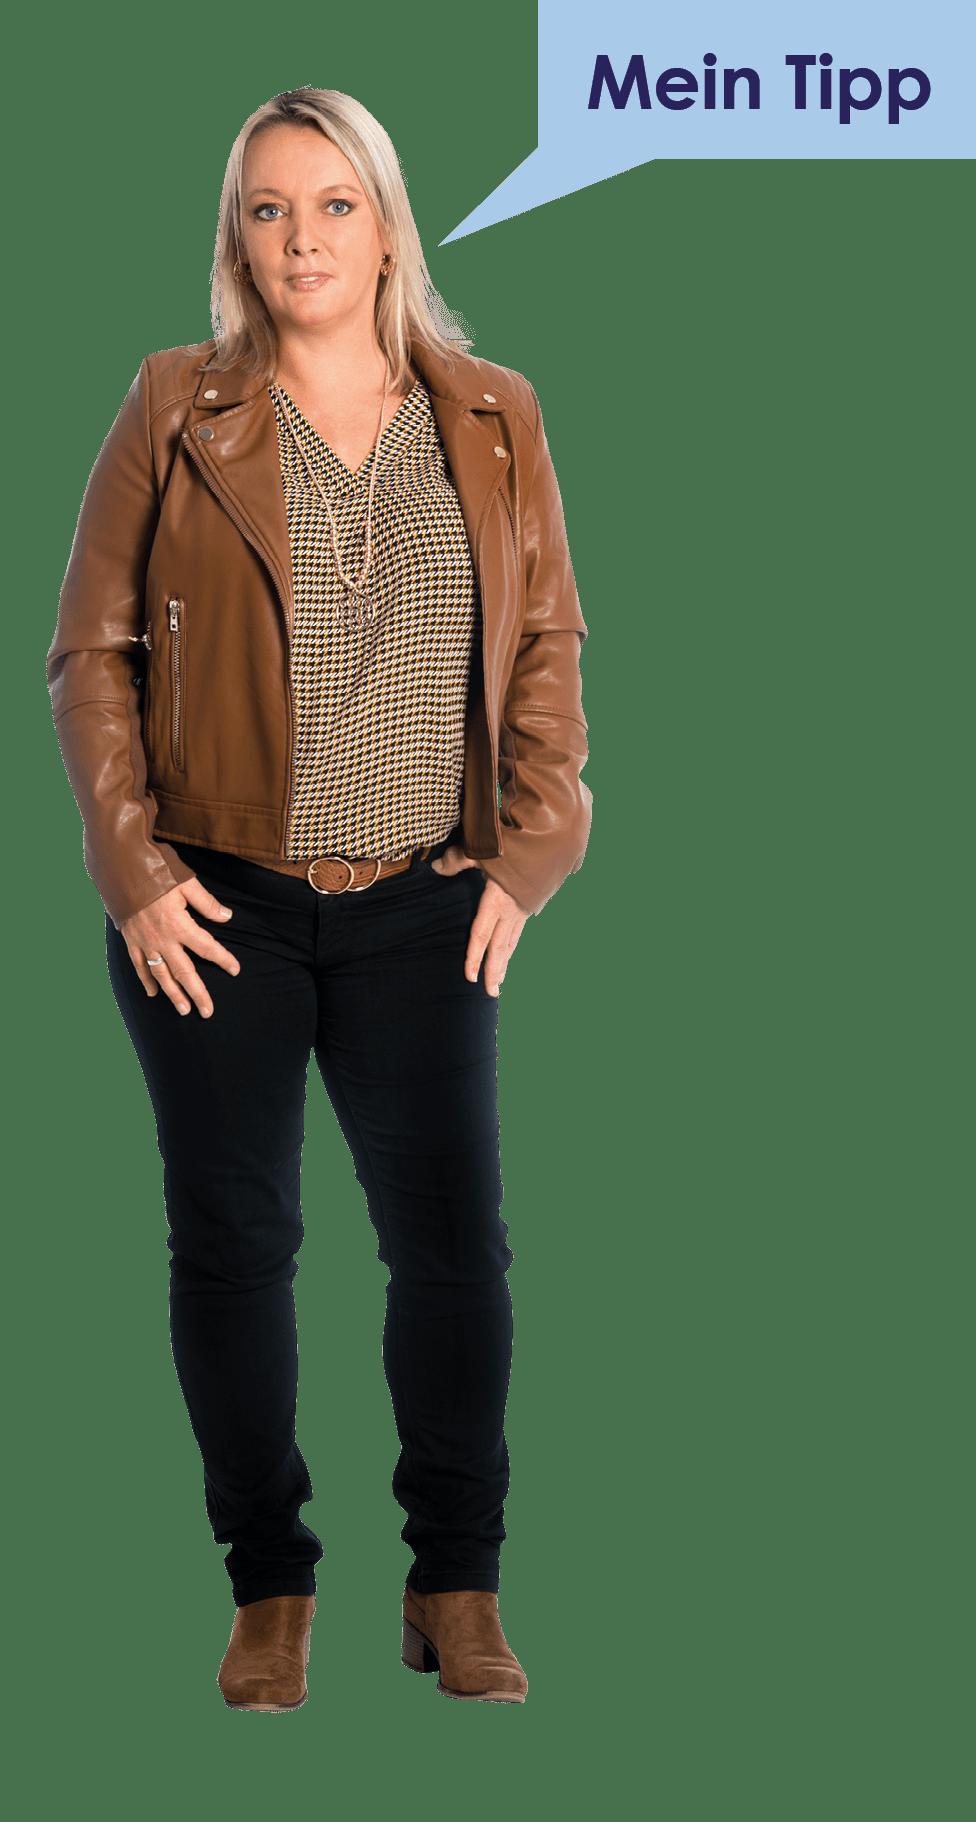 Versicherungstipp Sandra Friesenecker UVK Kundenberaterin Unfallversicherung